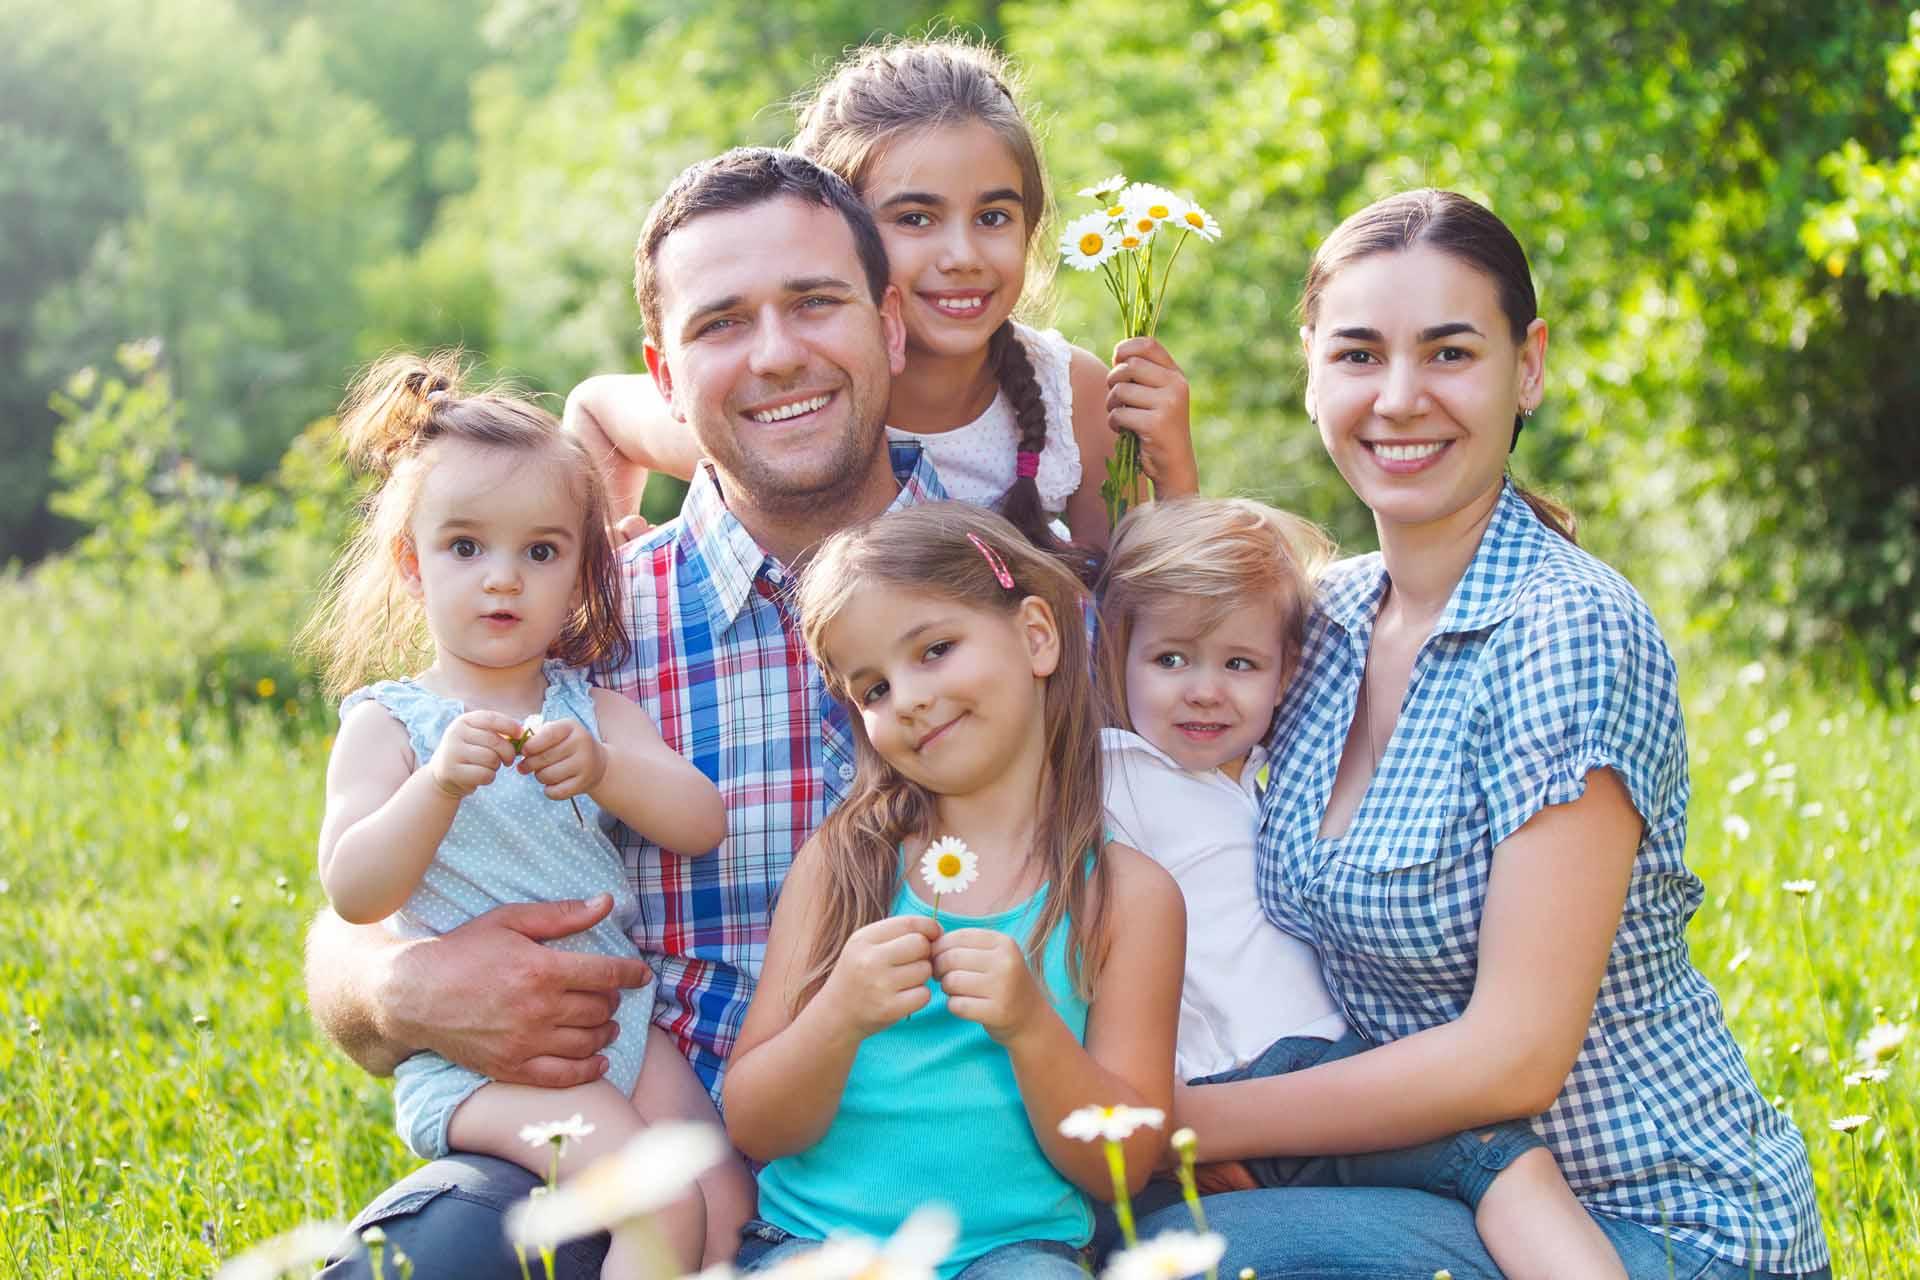 Ипотека в отпуске по уходу за ребенком